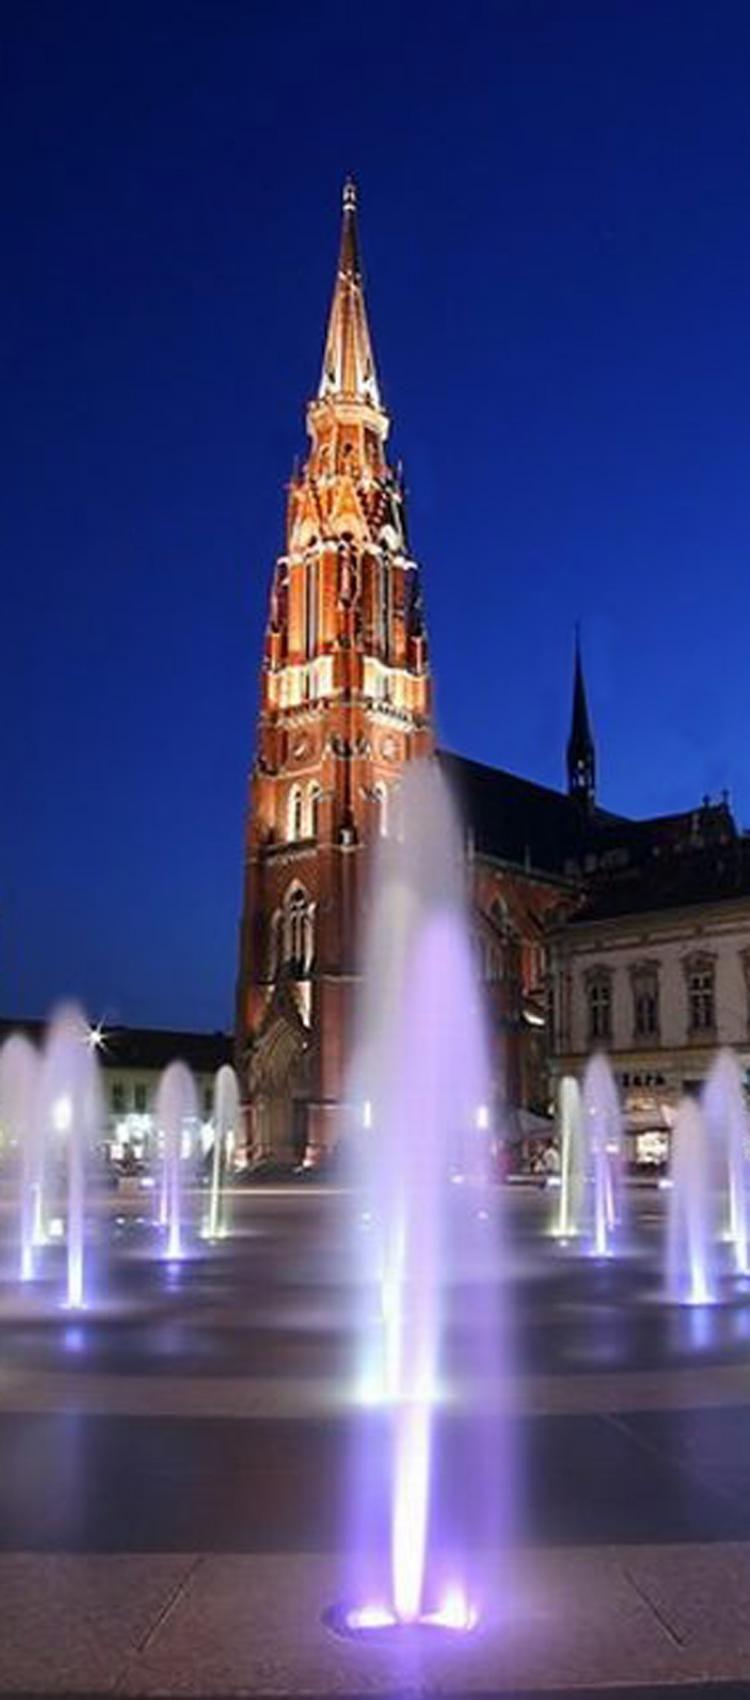 Grad Osijek Katedrala Hrvatska Osijek Croatia Central Europe